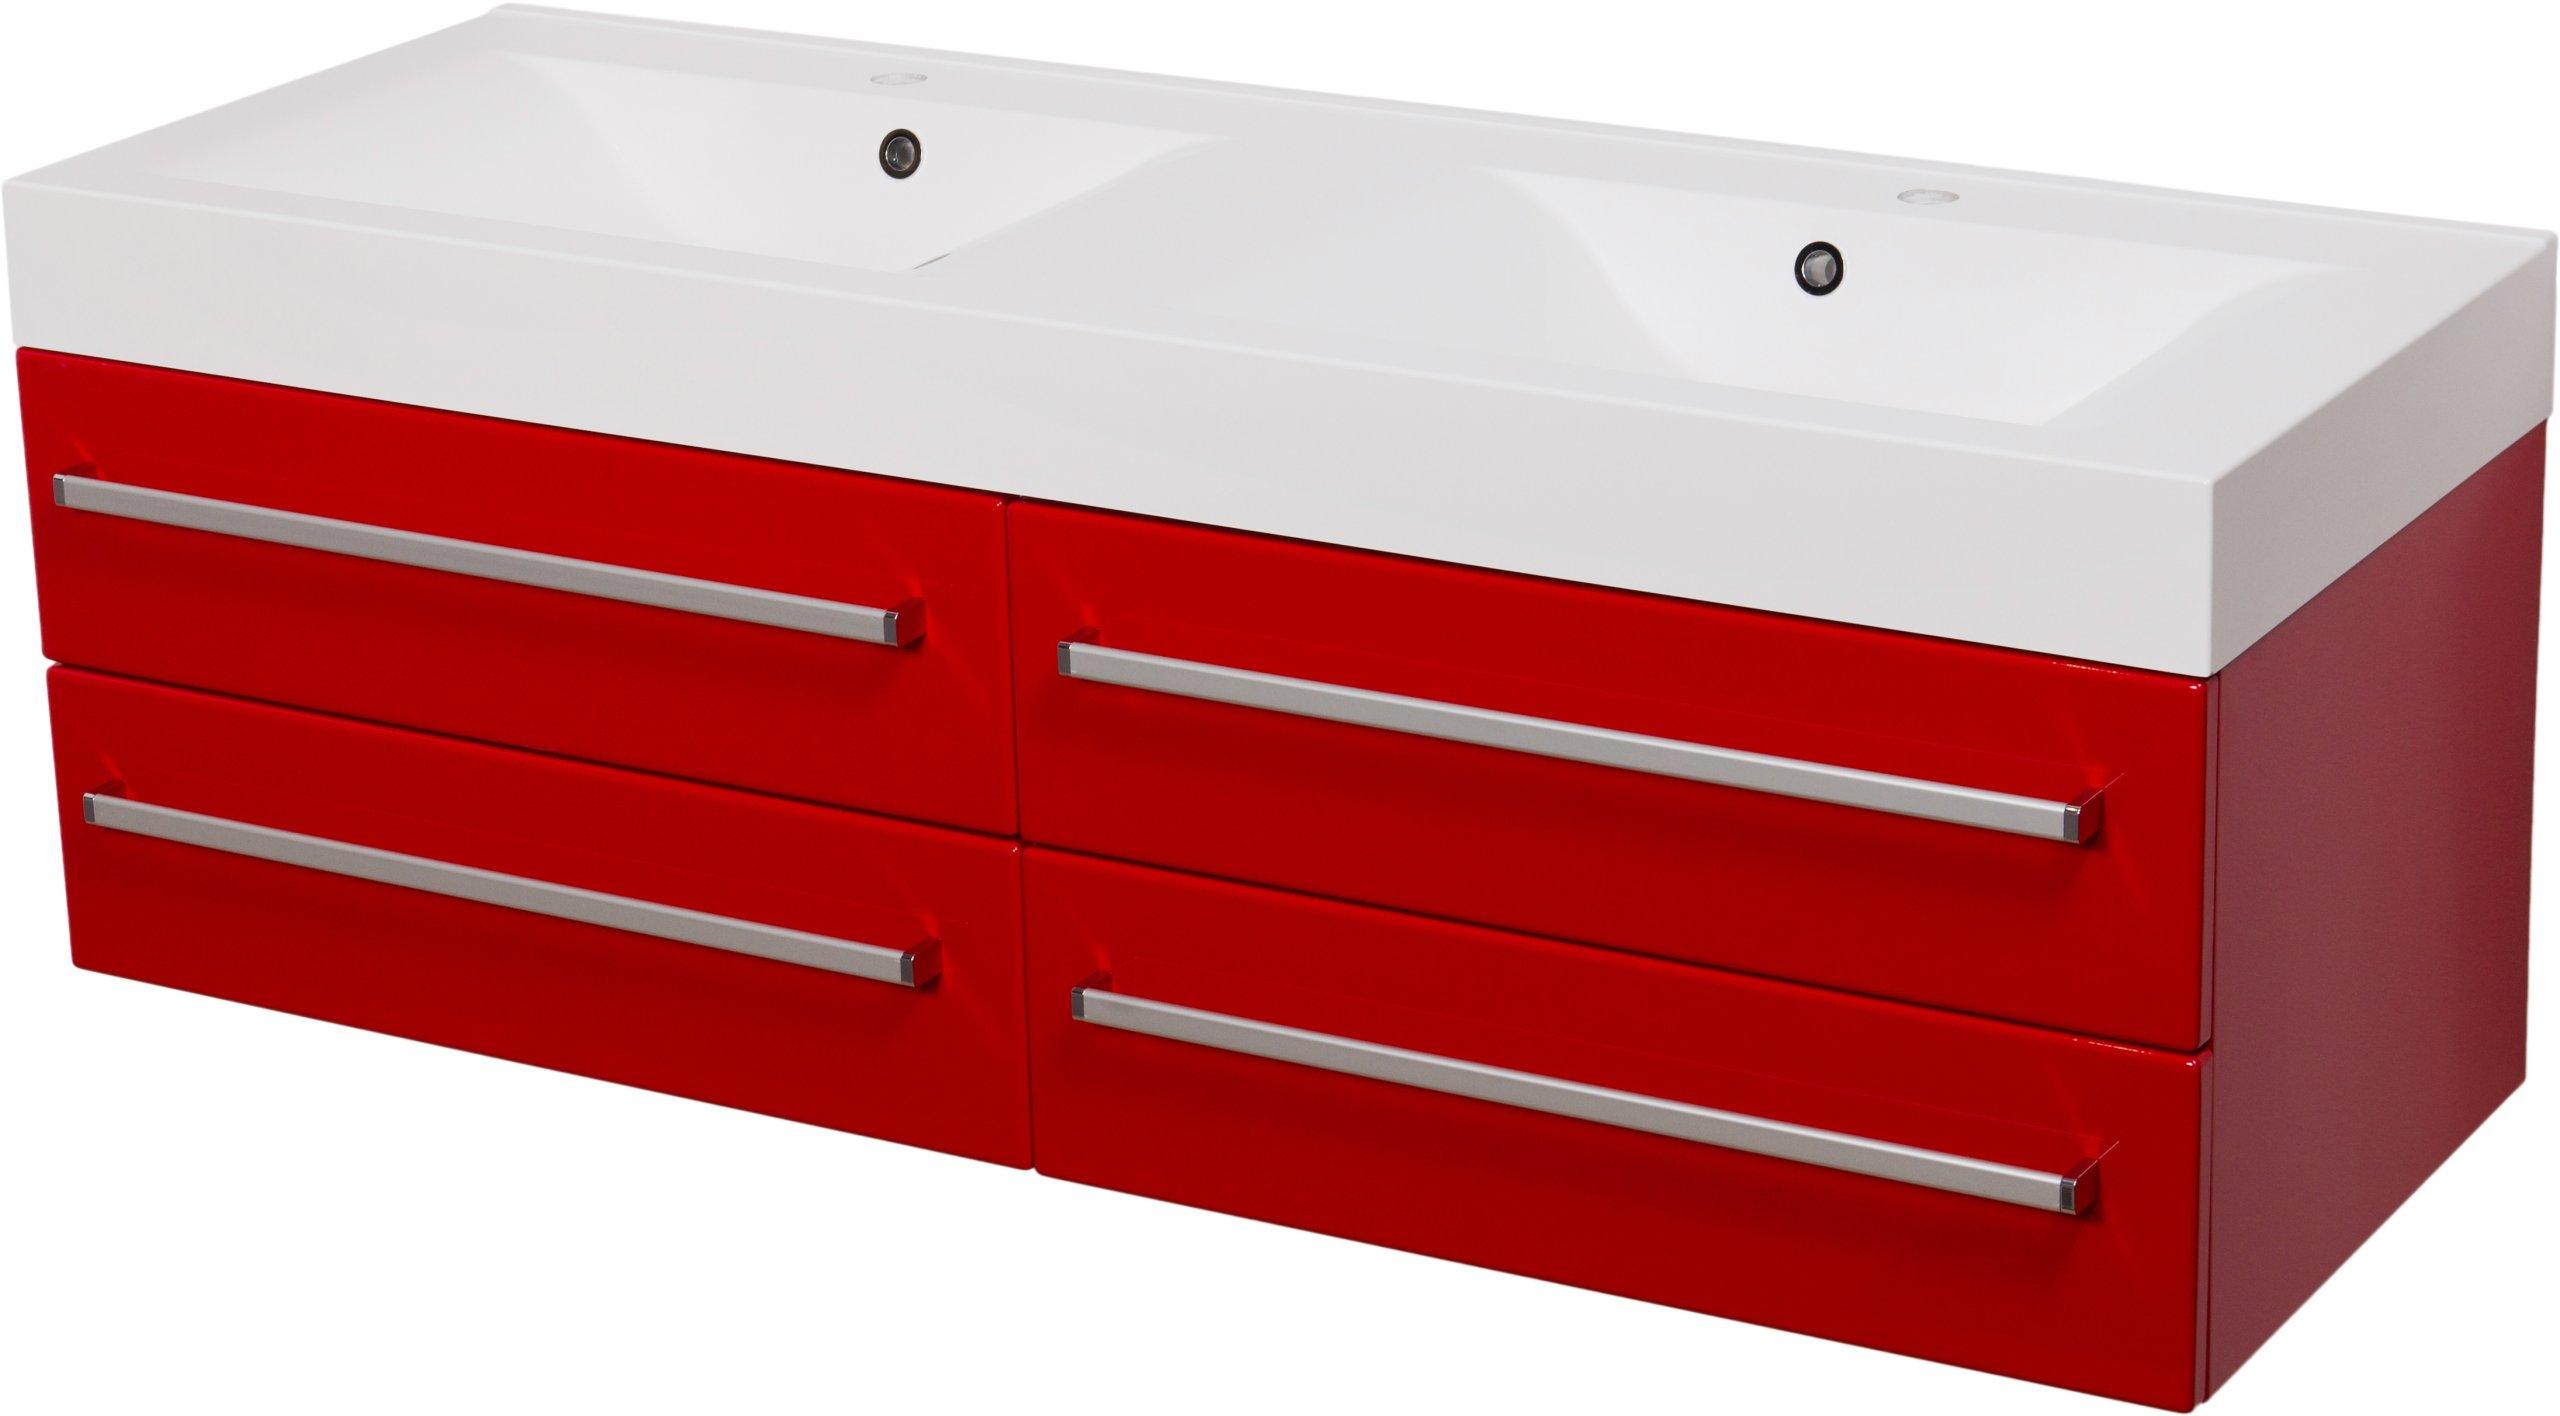 FOKUS meble łazienkow czerwona szafka + umywal 140 - 2729 zł - Allegro.pl - Raty 0%, Darmowa dostawa ze Smart! - Miechów (k. Krakowa) - Stan: nowy - ID oferty: 7413580762